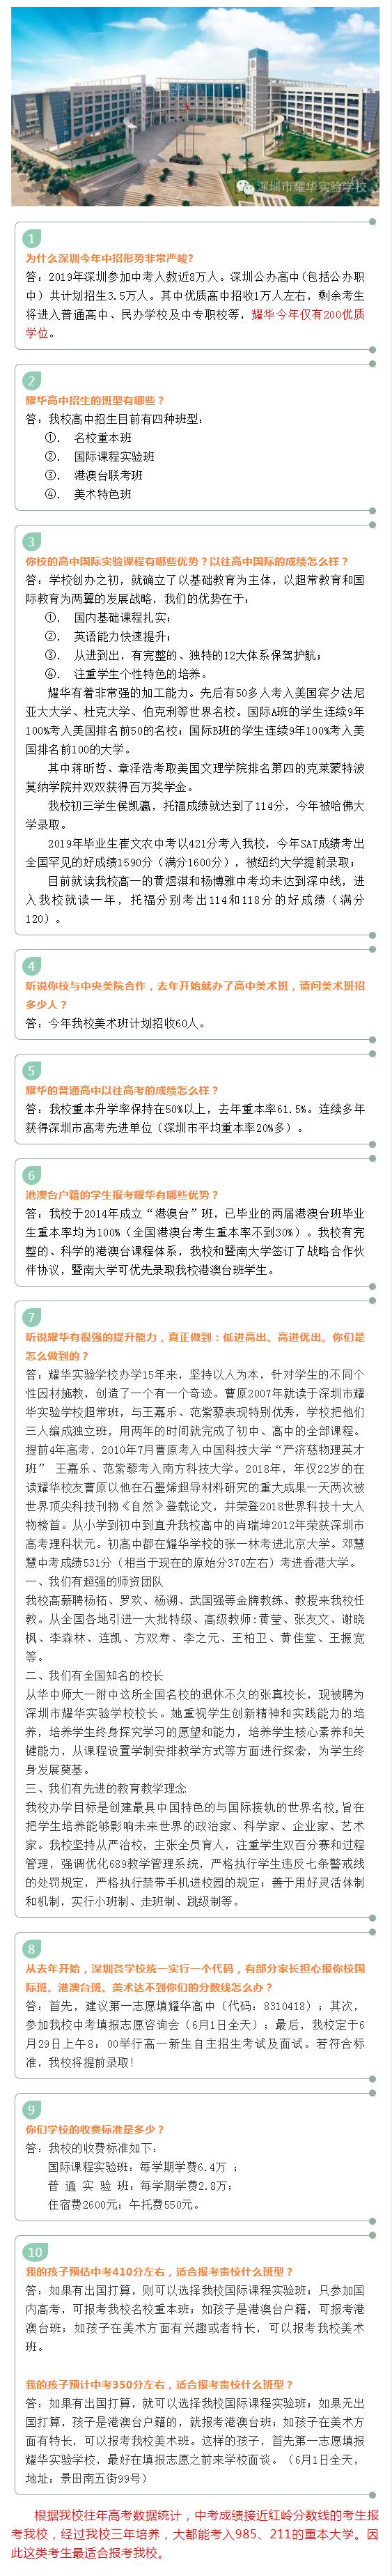 深圳市耀华实验学校招政策十问十答